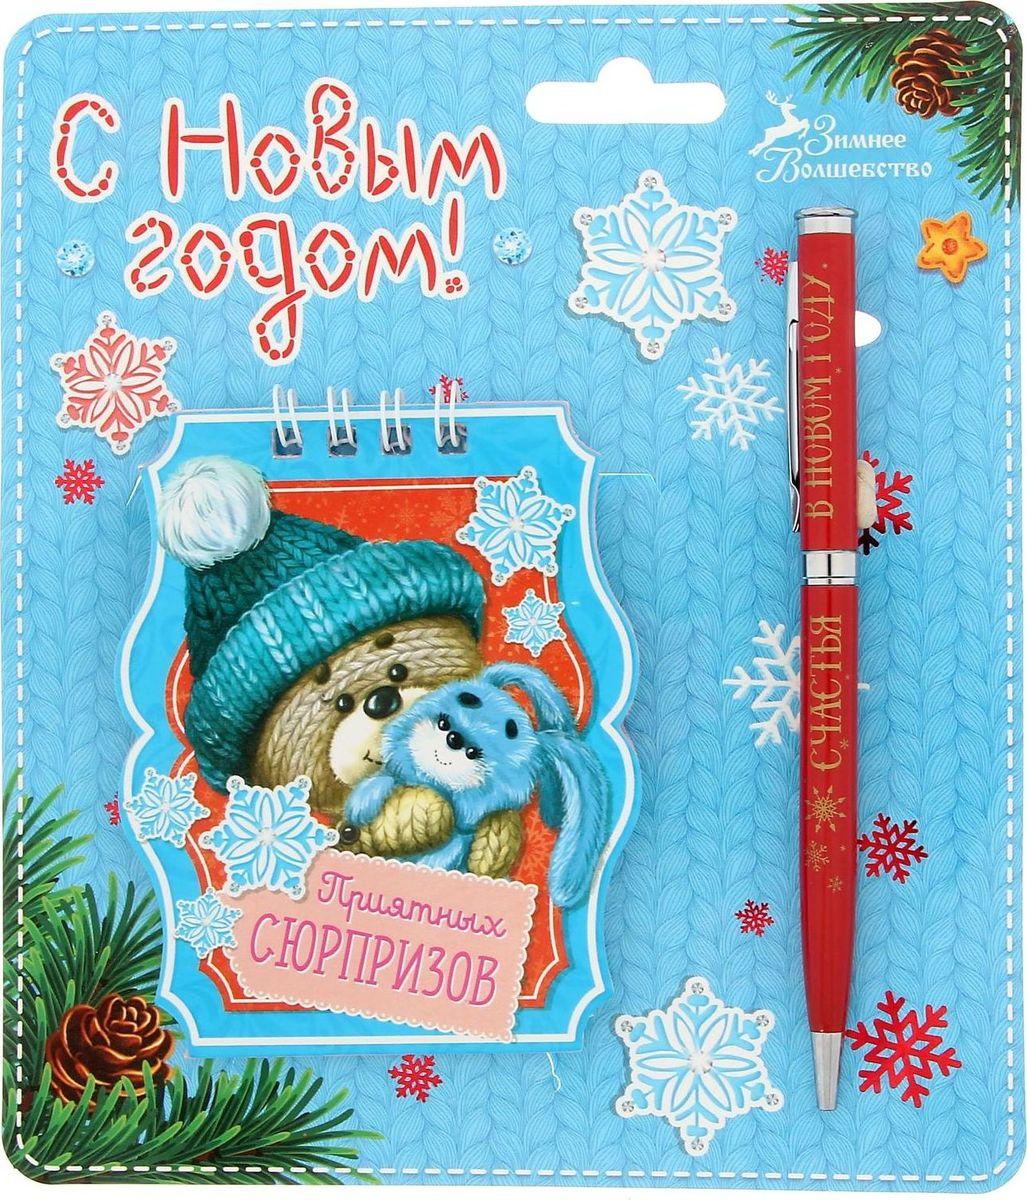 Набор с блокнотом и ручкой Приятных сюрпризов1350544Если вы ищете сувенир, который сочетает в себе сразу несколько качеств, то подарочный набор с ручкой и блокнотом — то, что вам нужно! Такой подарок обязательно придется по душе тем, кто ценит практичные презенты. Оригинальная ручка с теплыми пожеланиями и блокнот с яркими рисунками крепятся к красочной подложке, поэтому такой сувенир станет великолепным подарком для друзей, коллег или знакомых.